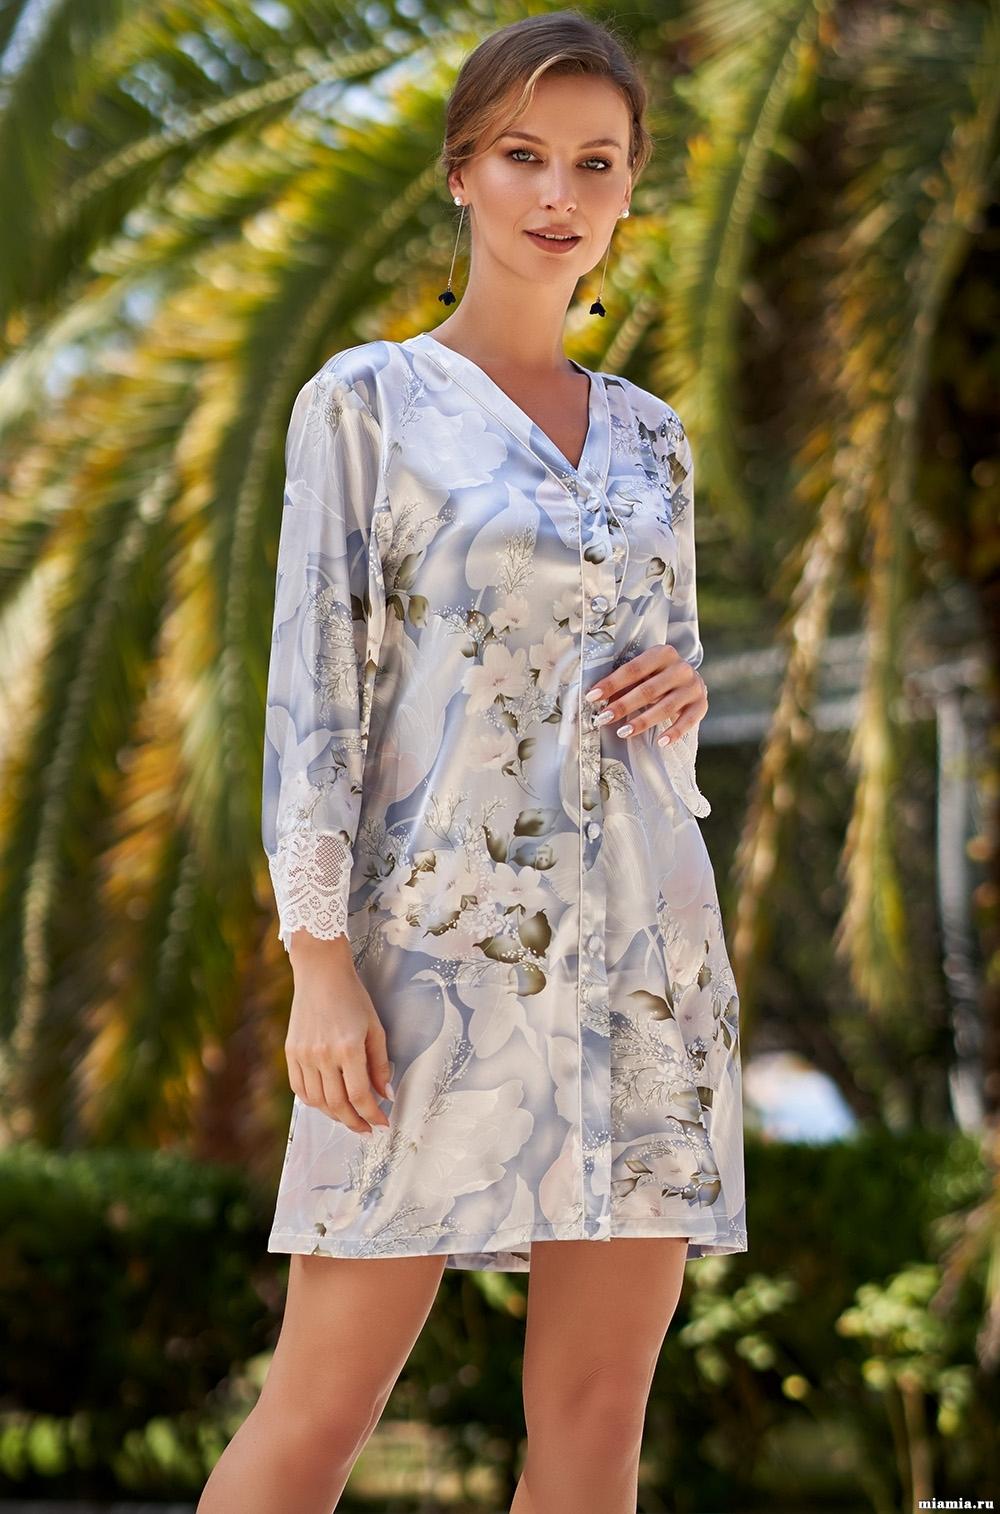 Шелковые халаты Рубашка халат на пуговицах  Mia-Amore  NOVELLA  НОВЕЛЛА 3607 3607_1.jpg